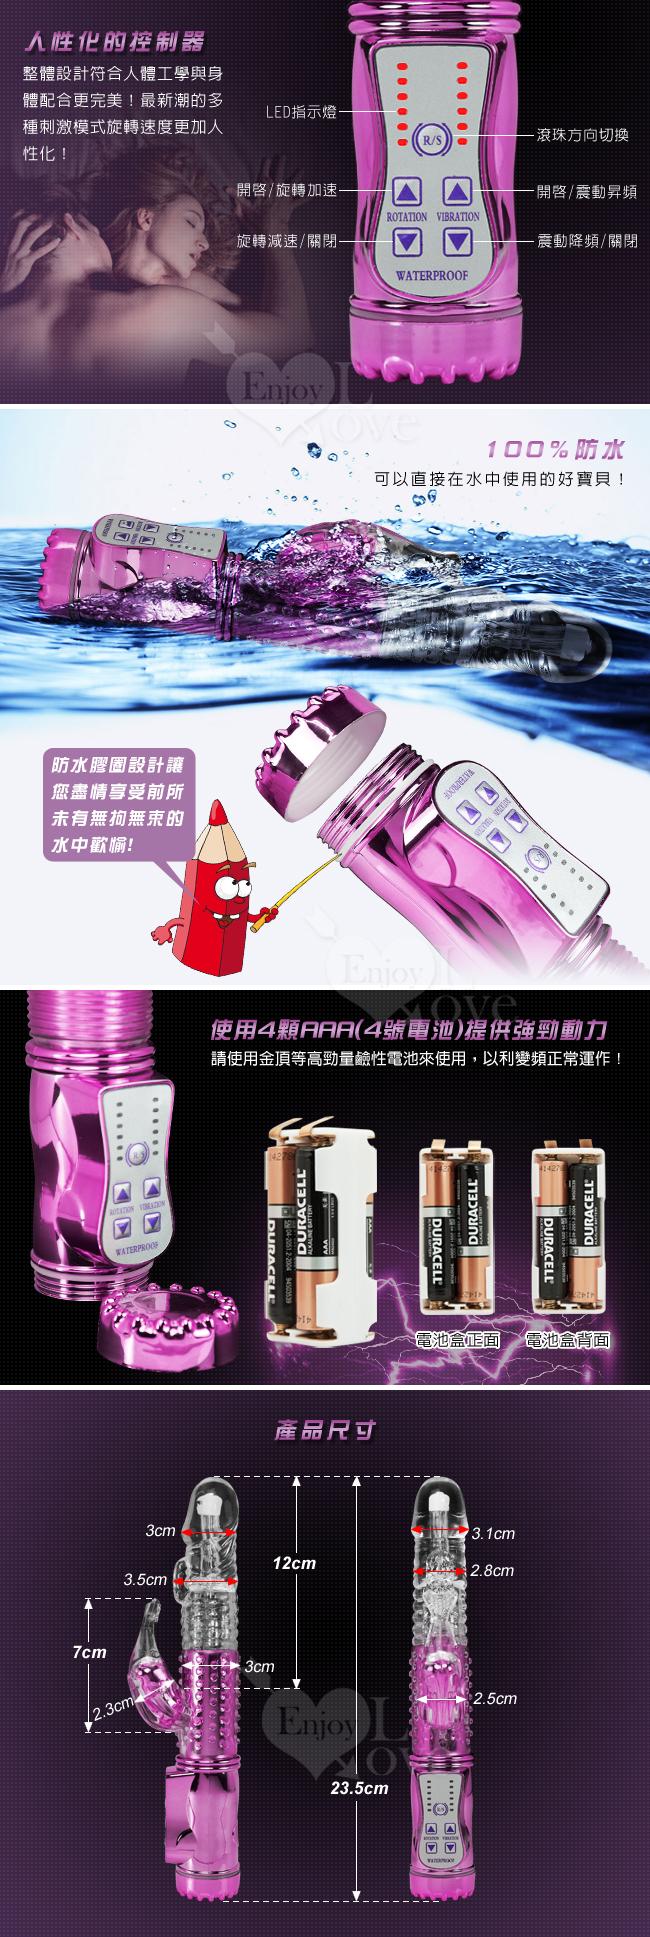 潮吹王II‧美人魚の8迴旋電動防水按摩棒﹝亮彩紫﹞